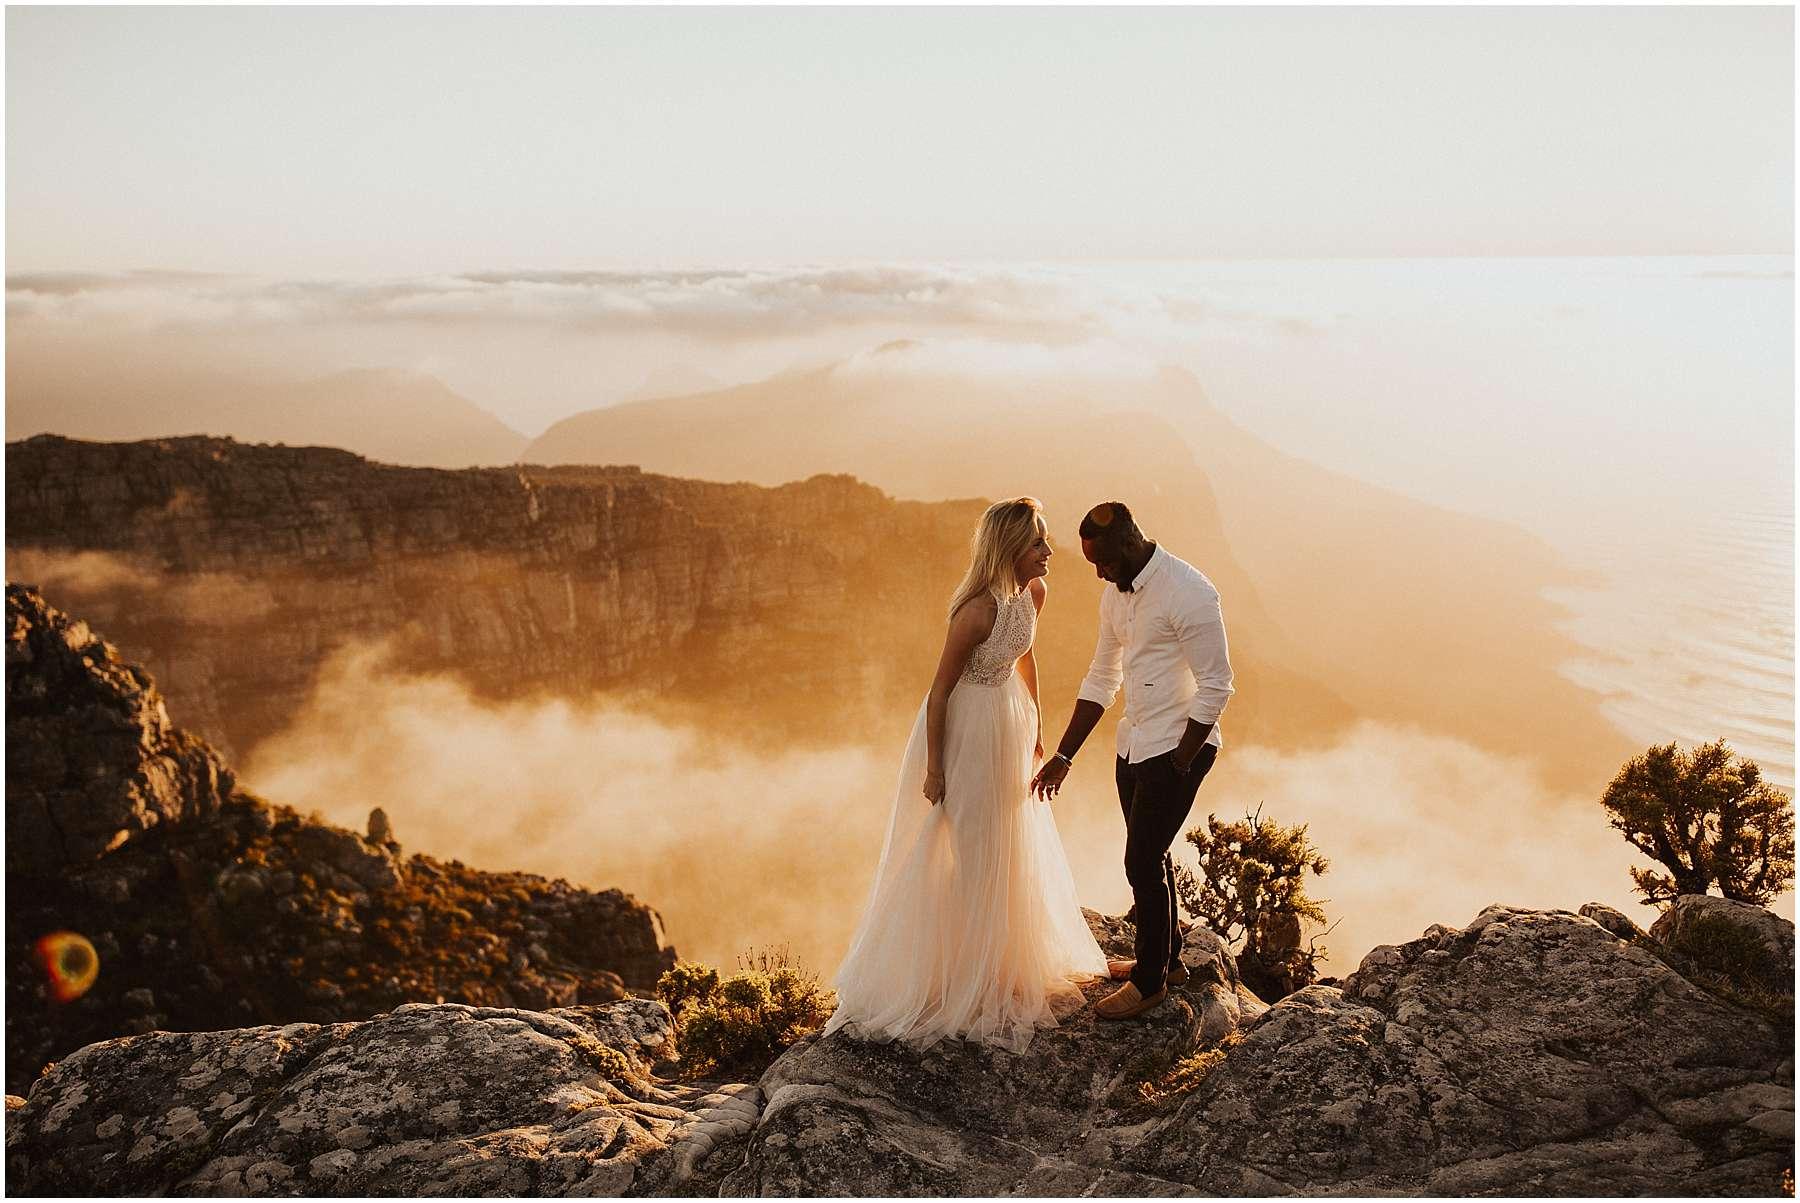 LOTTYH-South-Africa-Elopement-Photographer_0019.jpg